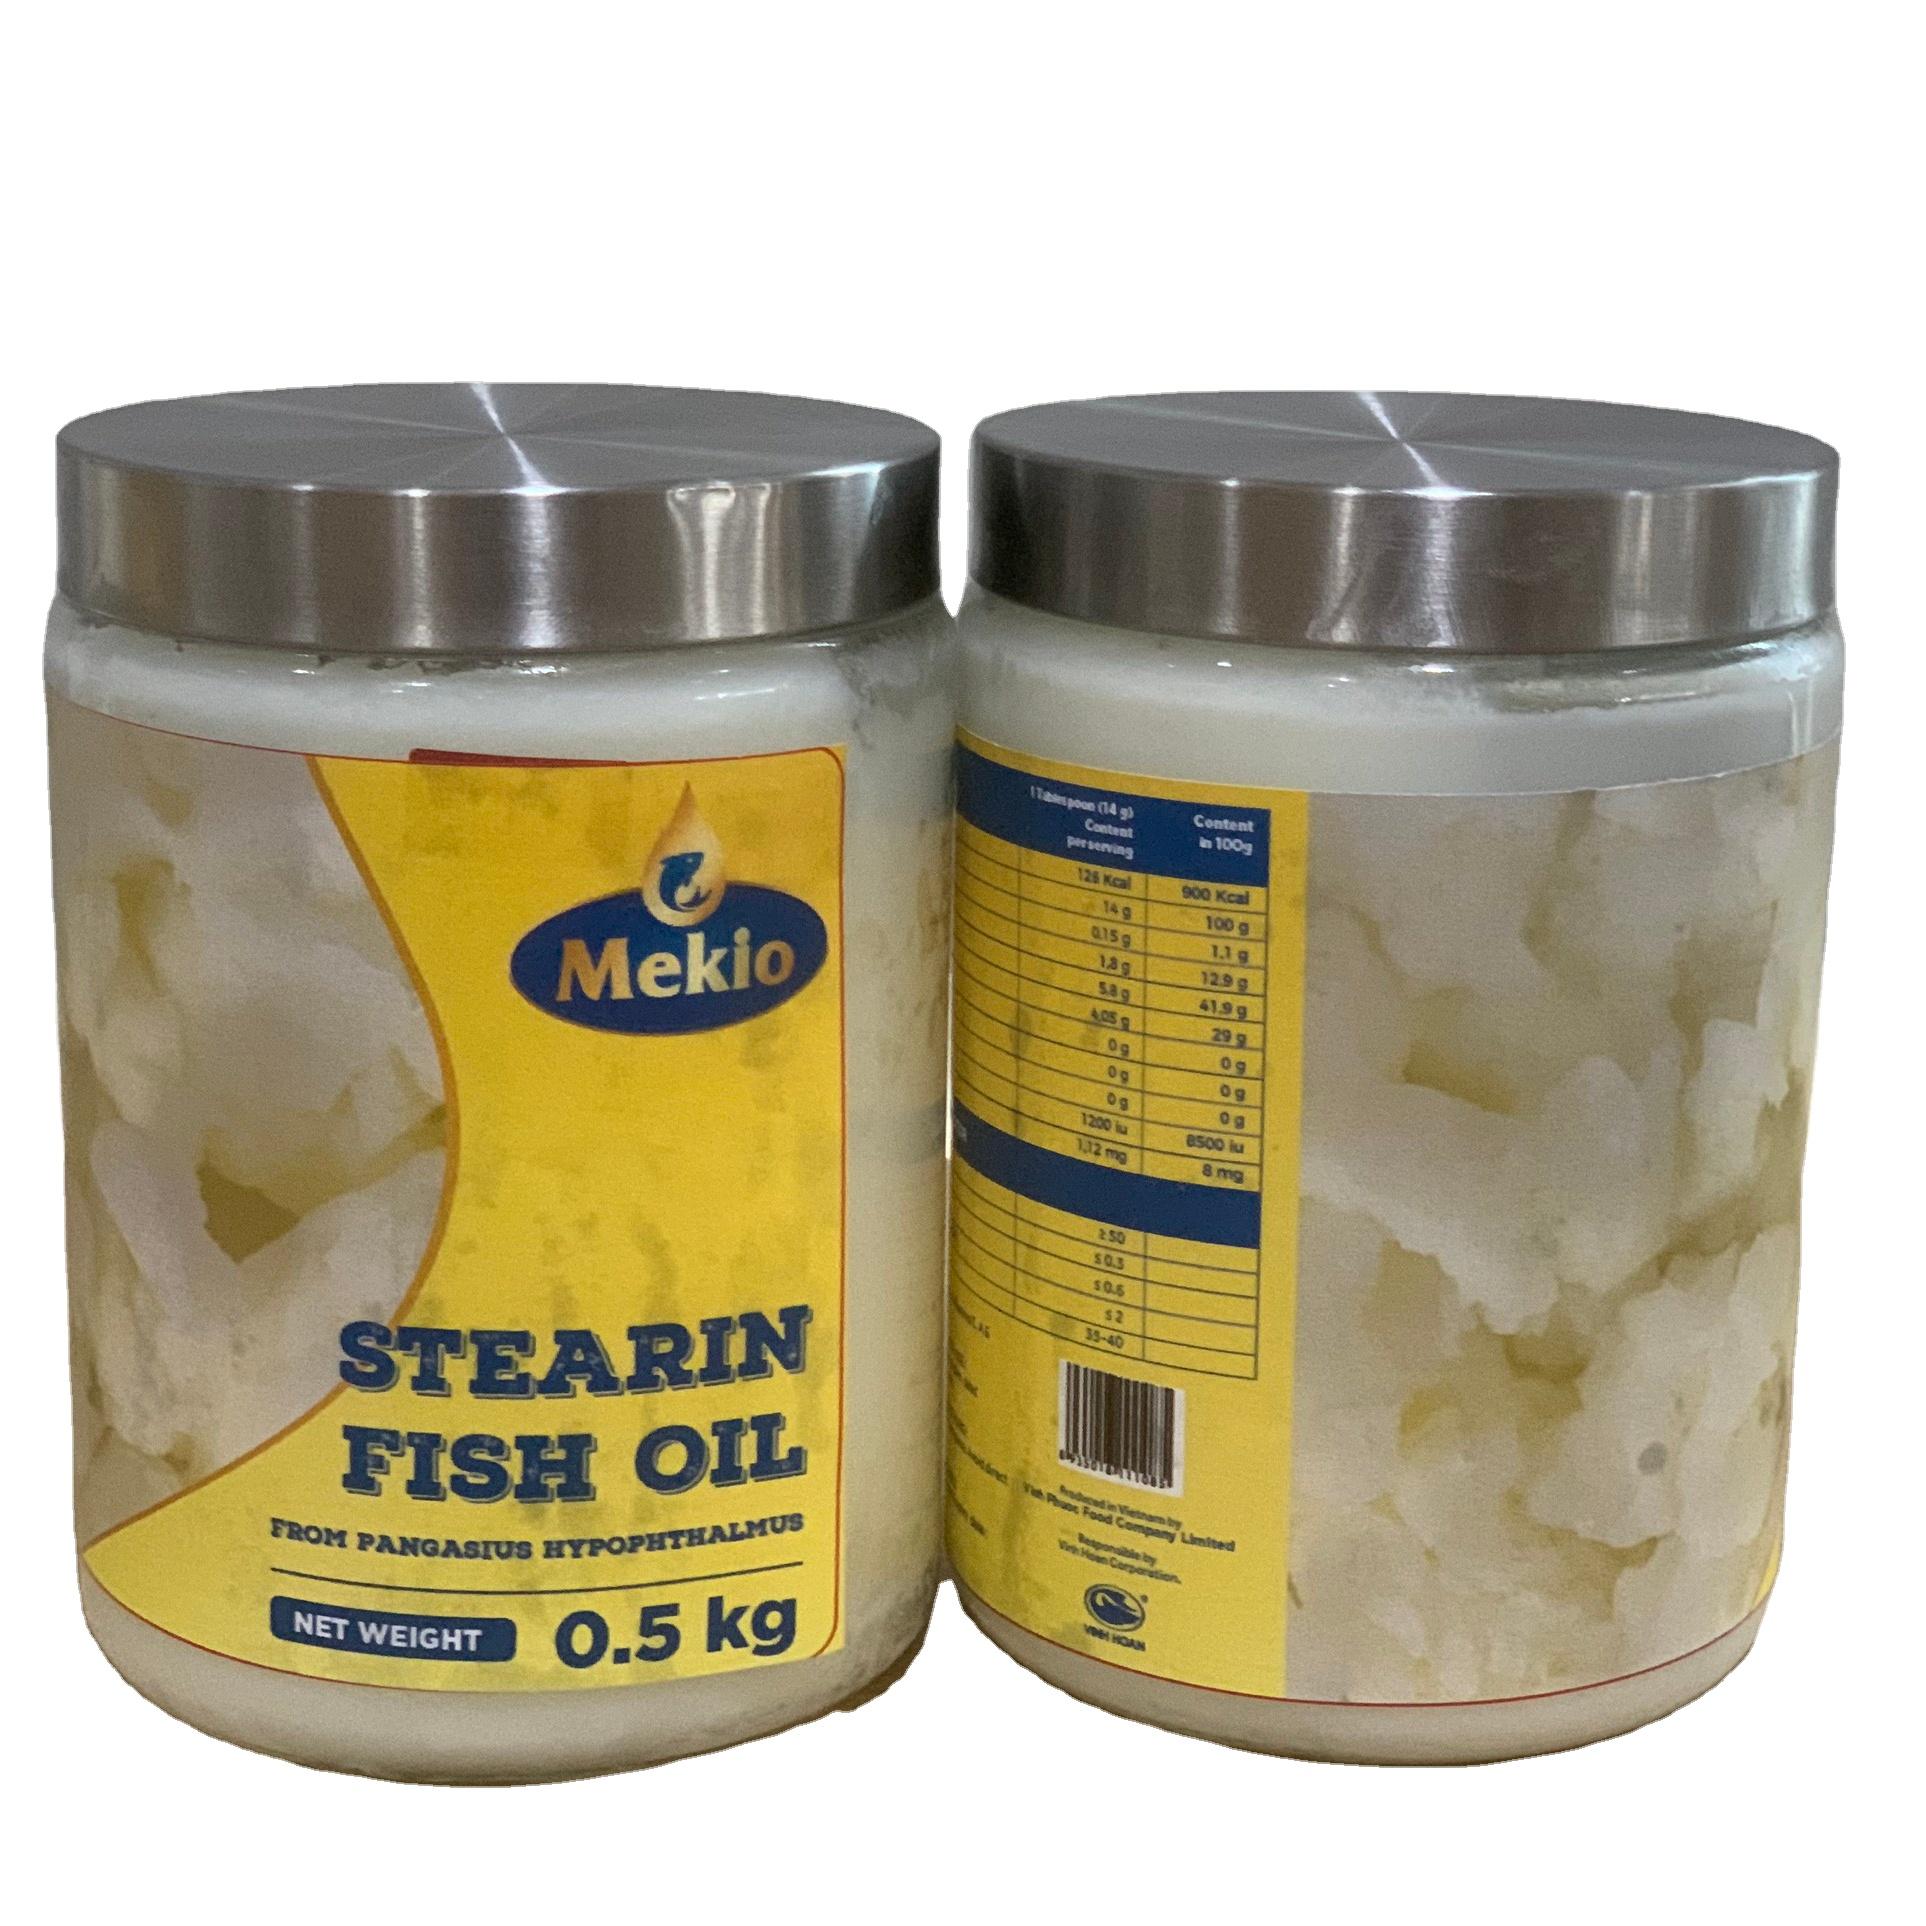 Новое поступление 2021 г., фабричное производство, стеарин, рафинированное рыболовное масло по конкурентоспособной цене